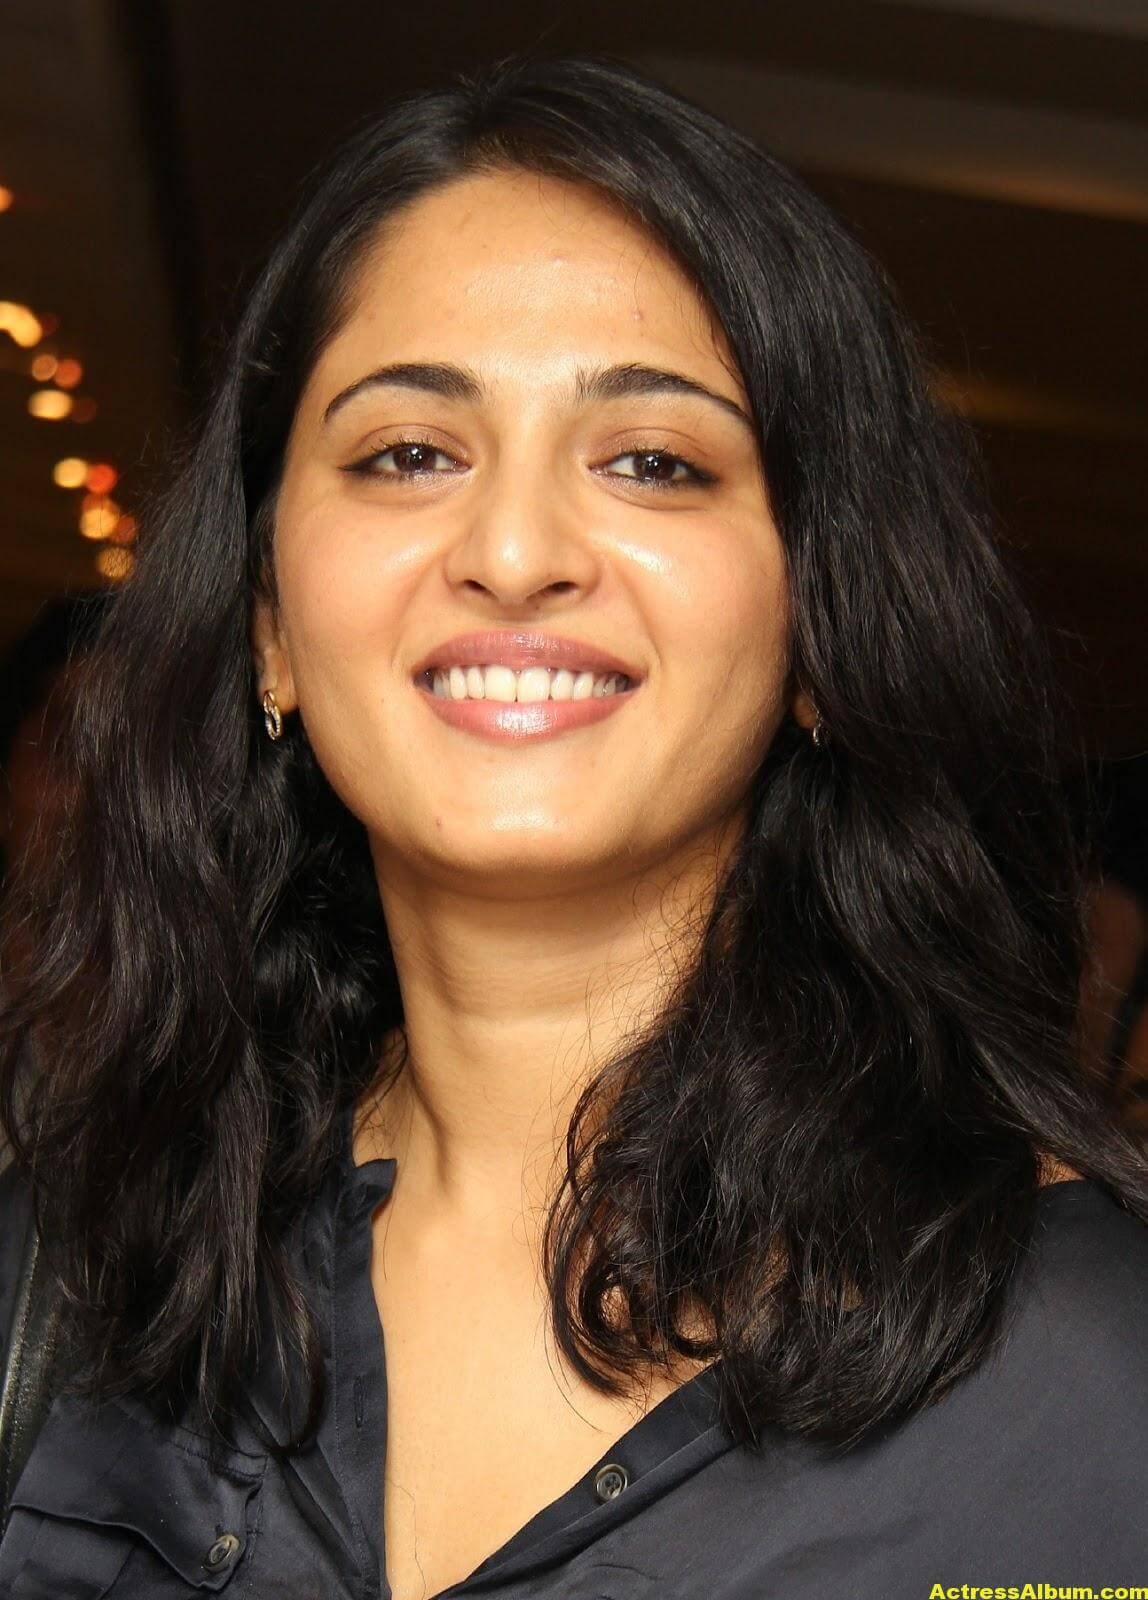 Anushka Shetty Gorgeous Face Close Up Photos 4